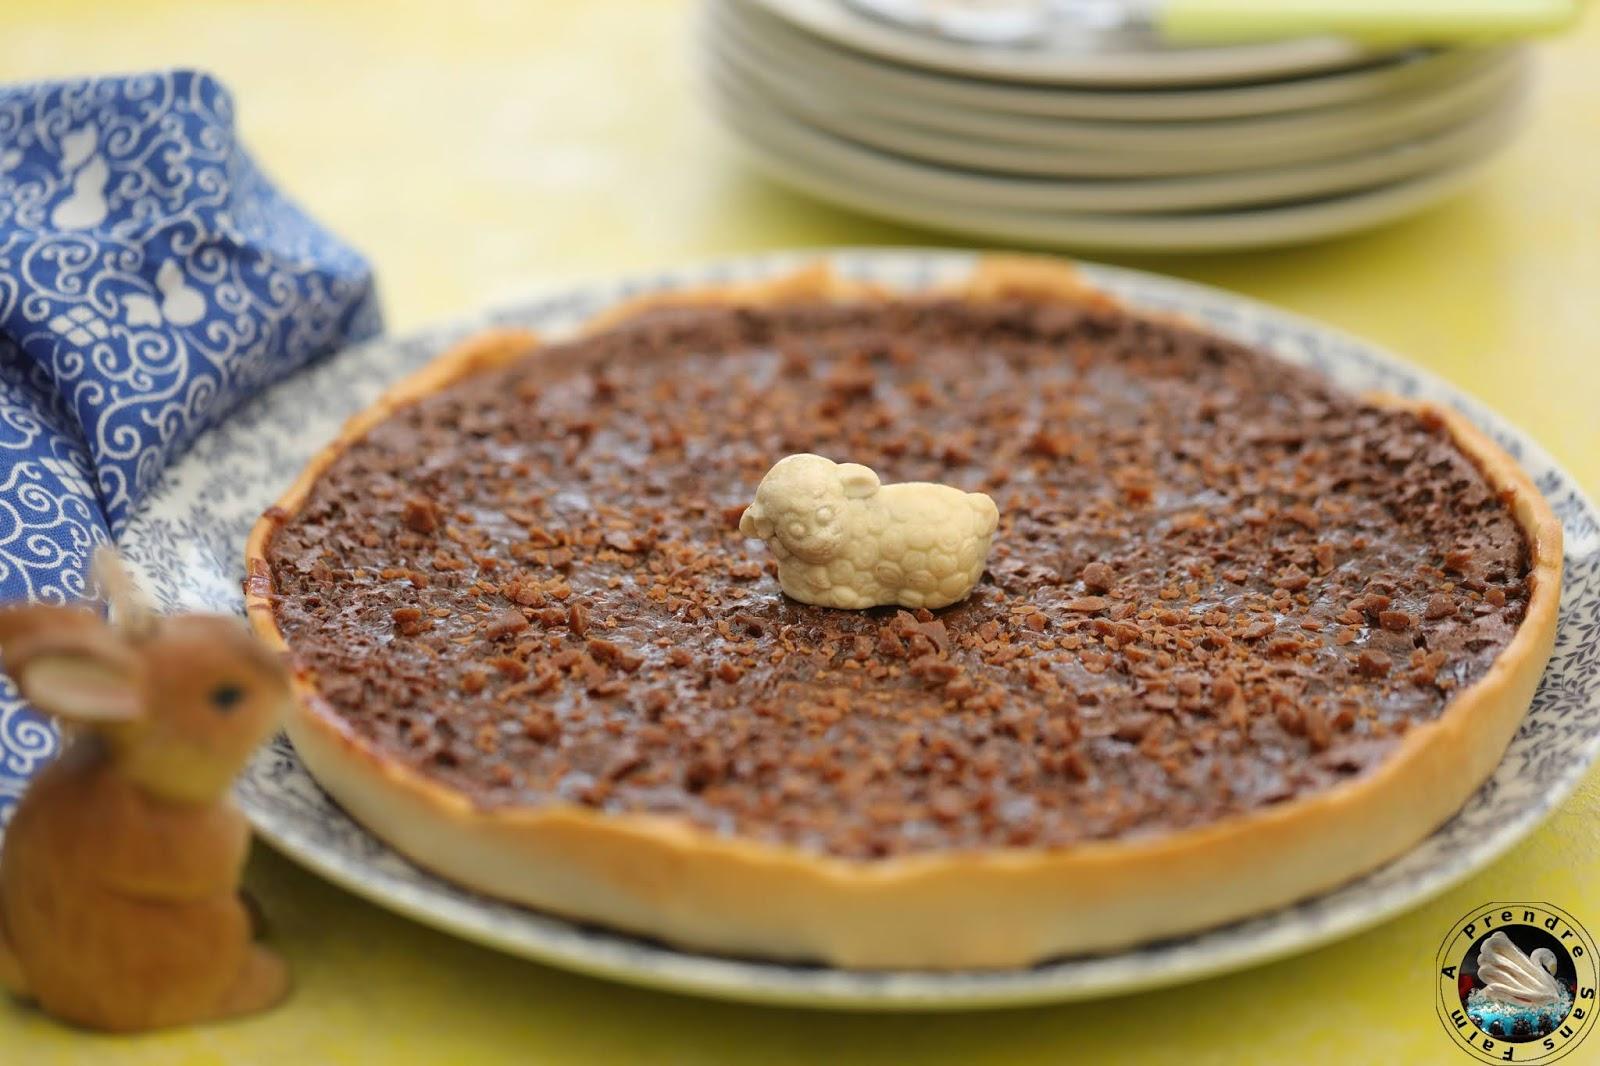 Tarte croustillante chocolat caramel au beurre salé